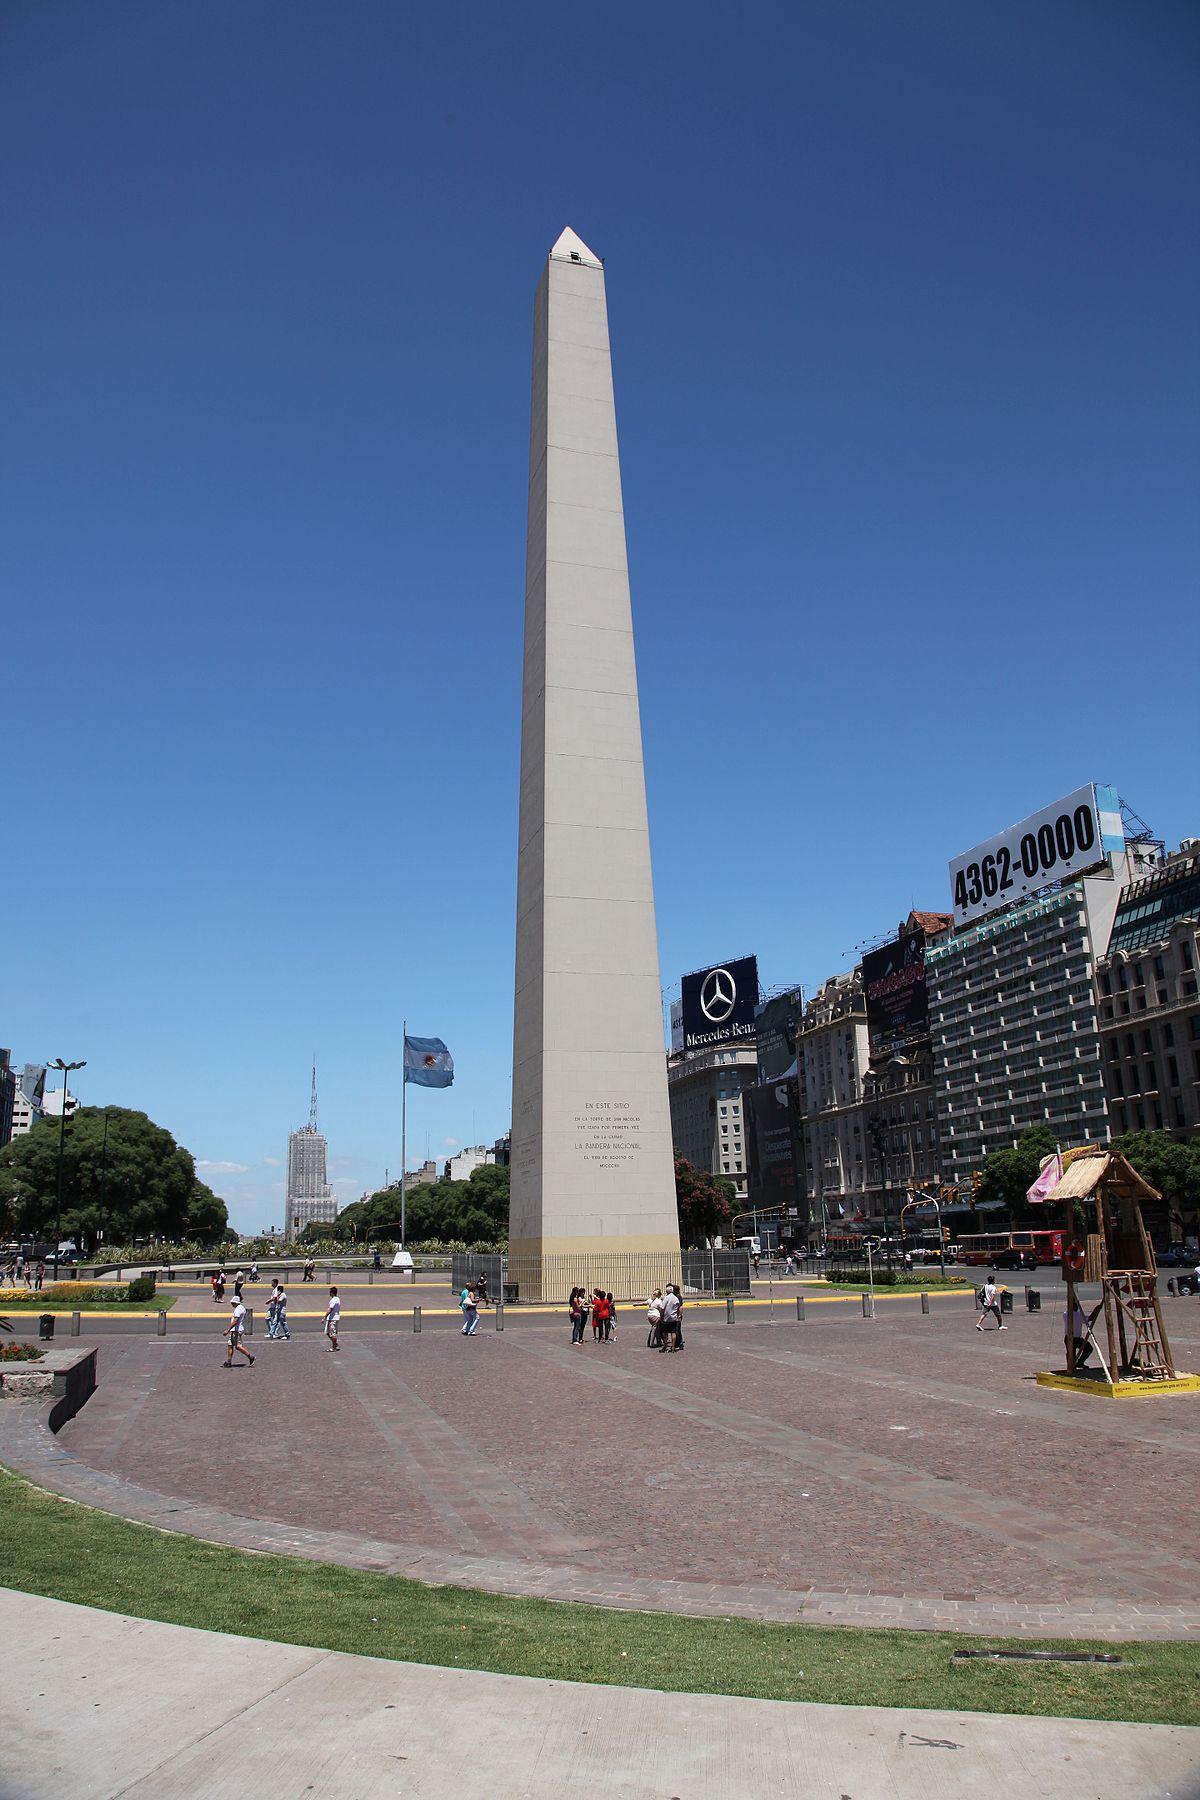 Obelisco de buenos aires wikip dia a enciclop dia livre for Obelisco buenos aires